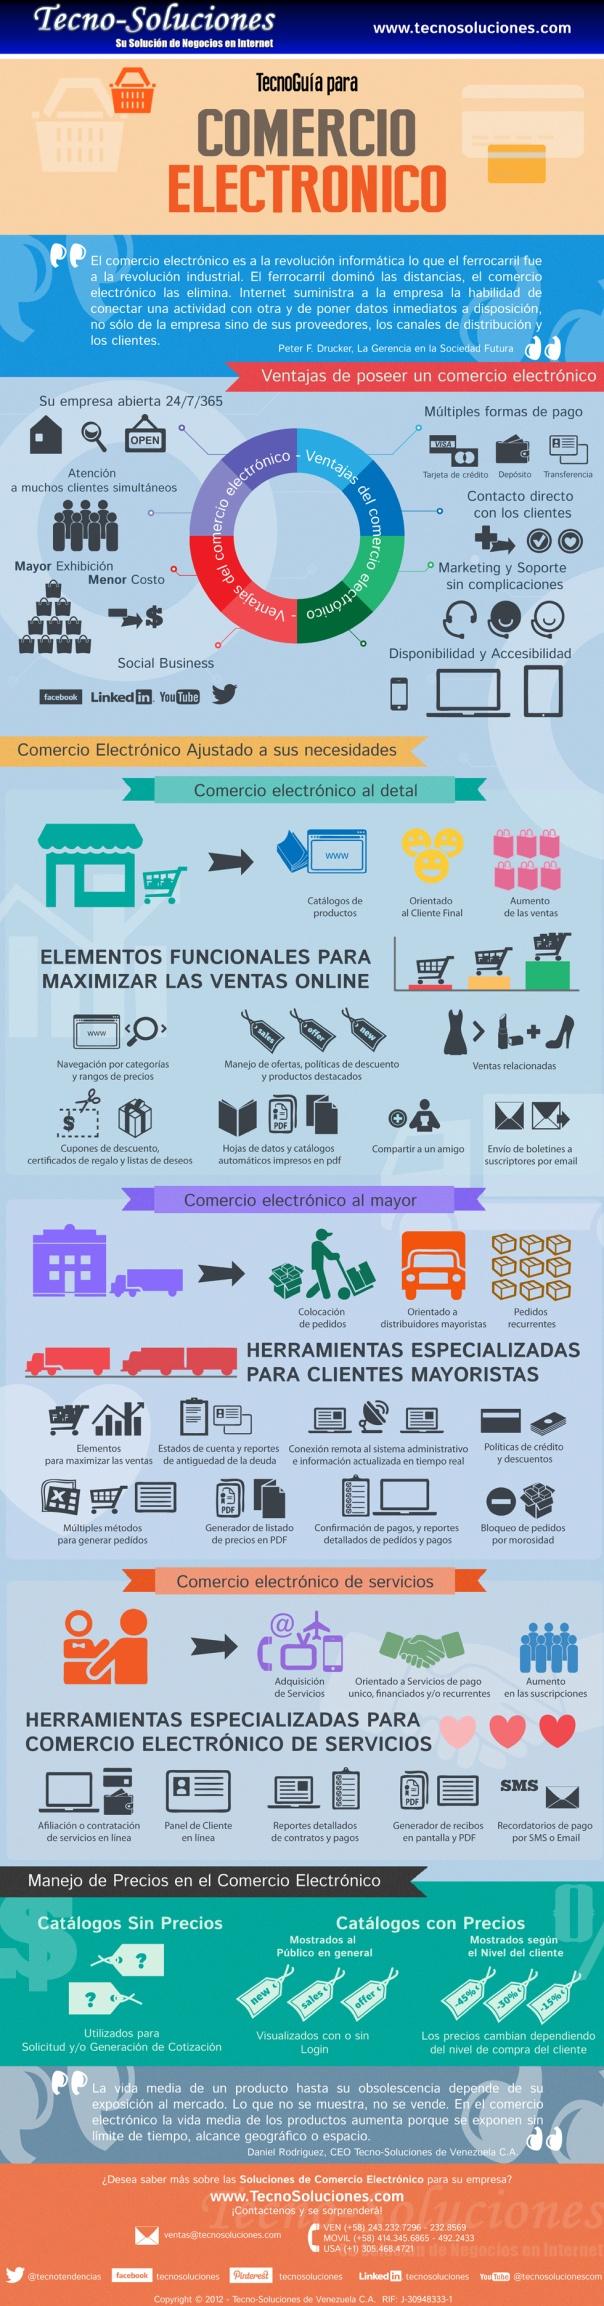 Cómo es el comercio electrónico #infografia #infographic #ecommerce